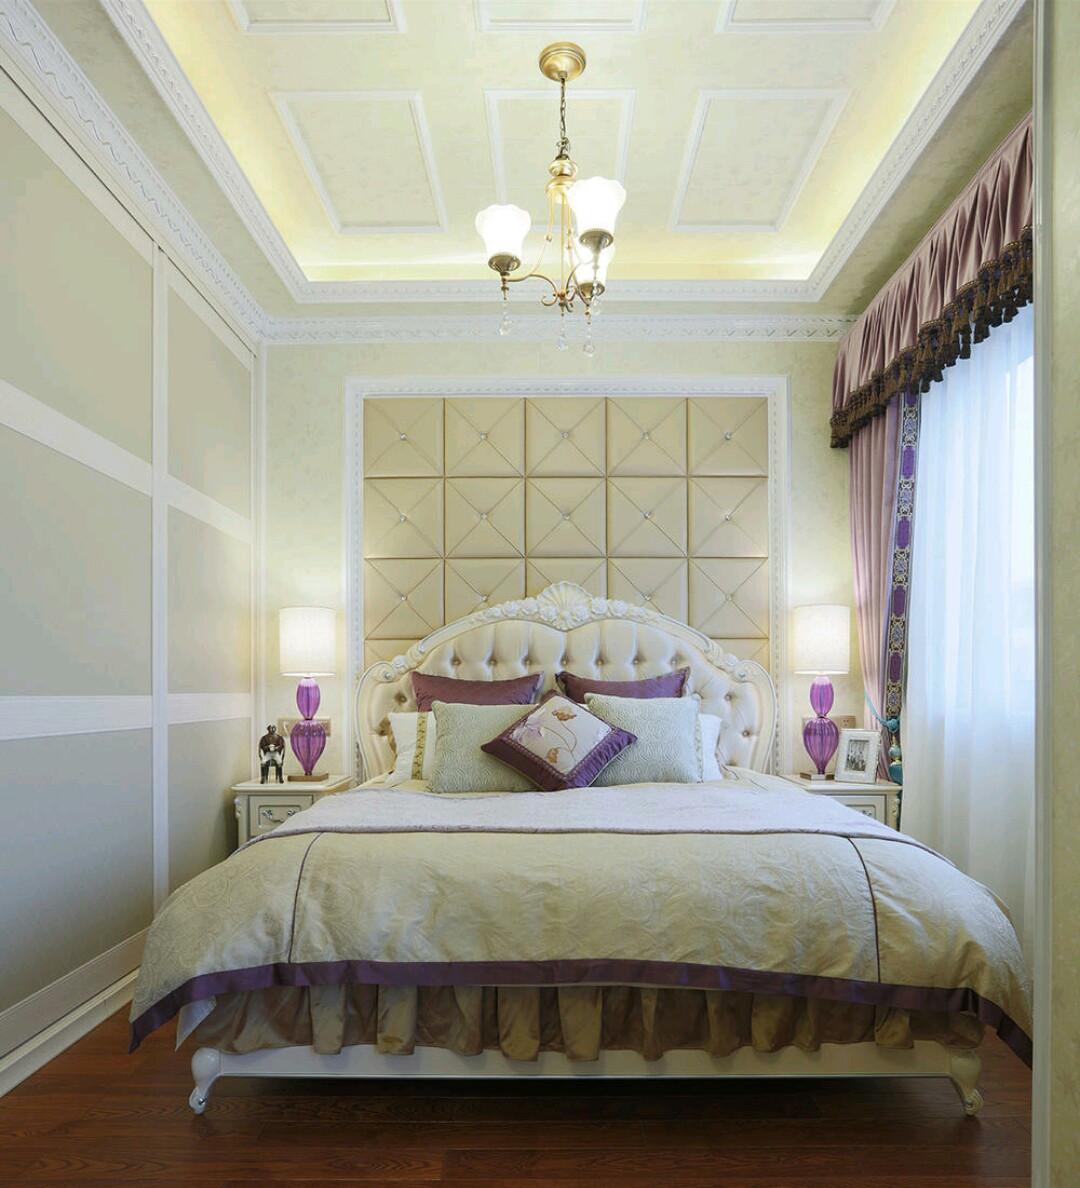 法式复式装修卧室效果图